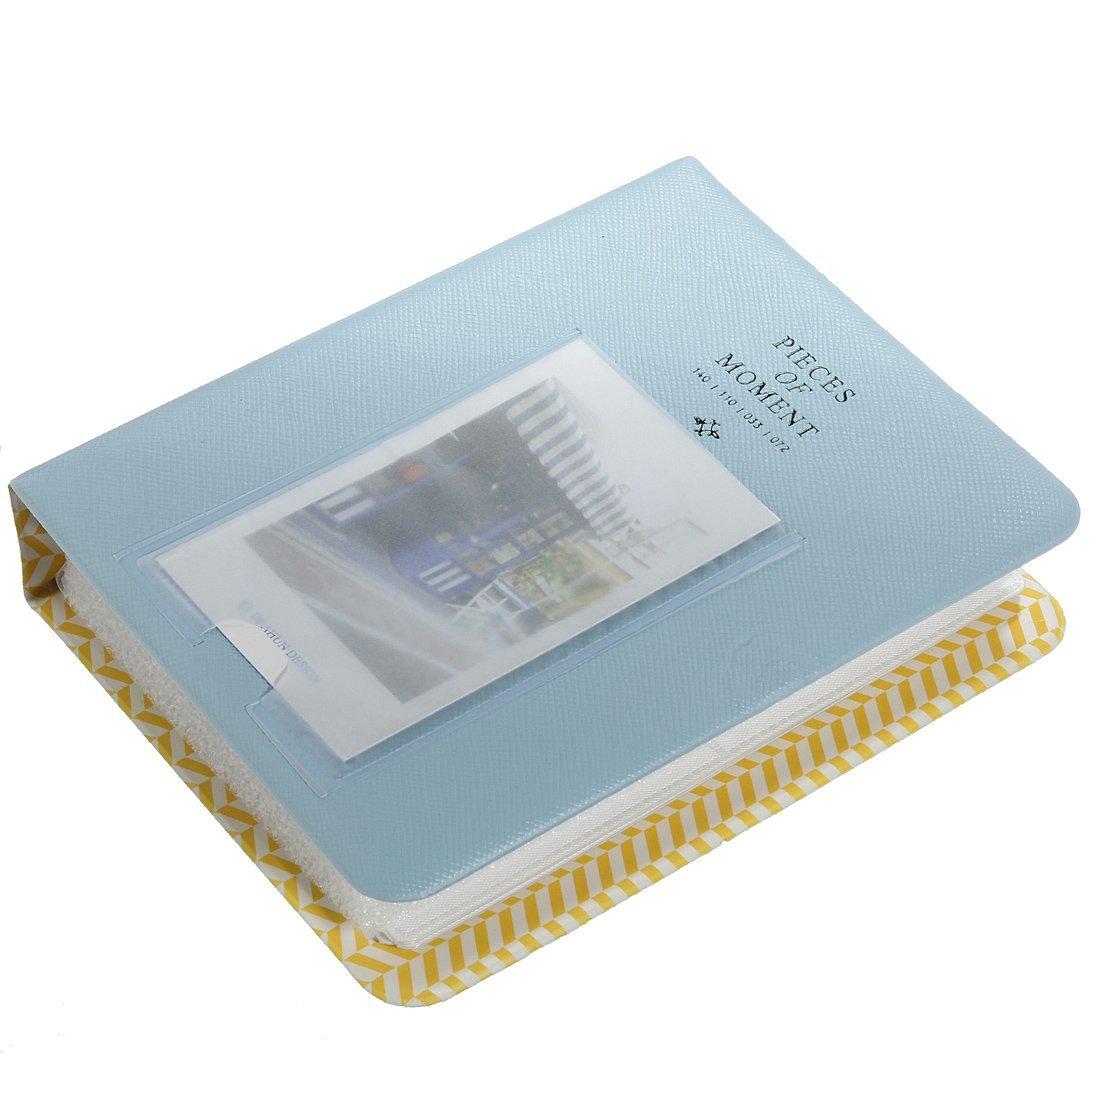 Wohnkultur Hgho-64 Taschen Mini Album-kasten-speicher Für Polaroid Foto Fujifilm Instax Film Größe-blau Erfrischung Haus & Garten